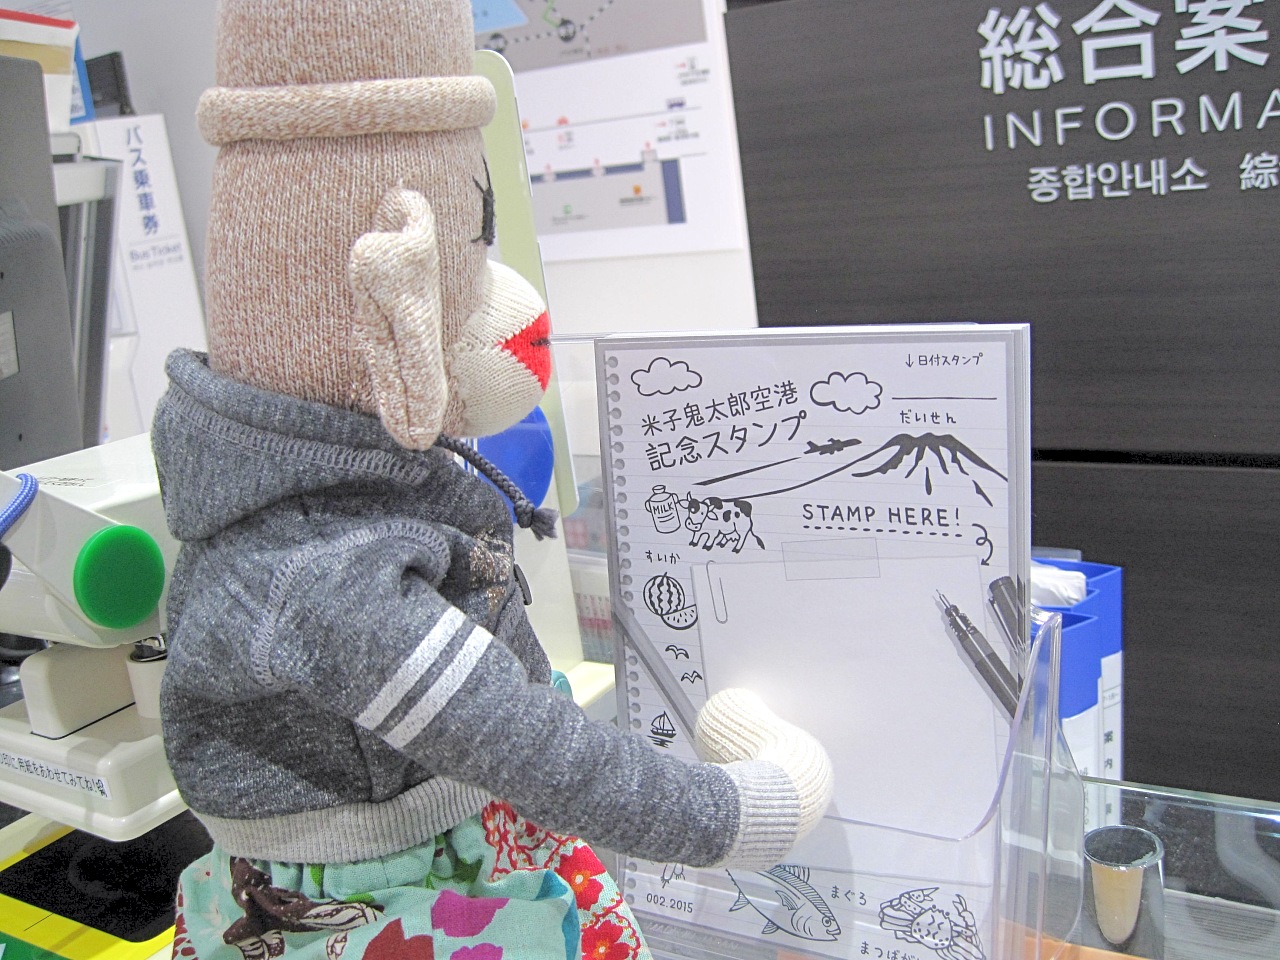 【空港情報】 記念 スタンプ!!